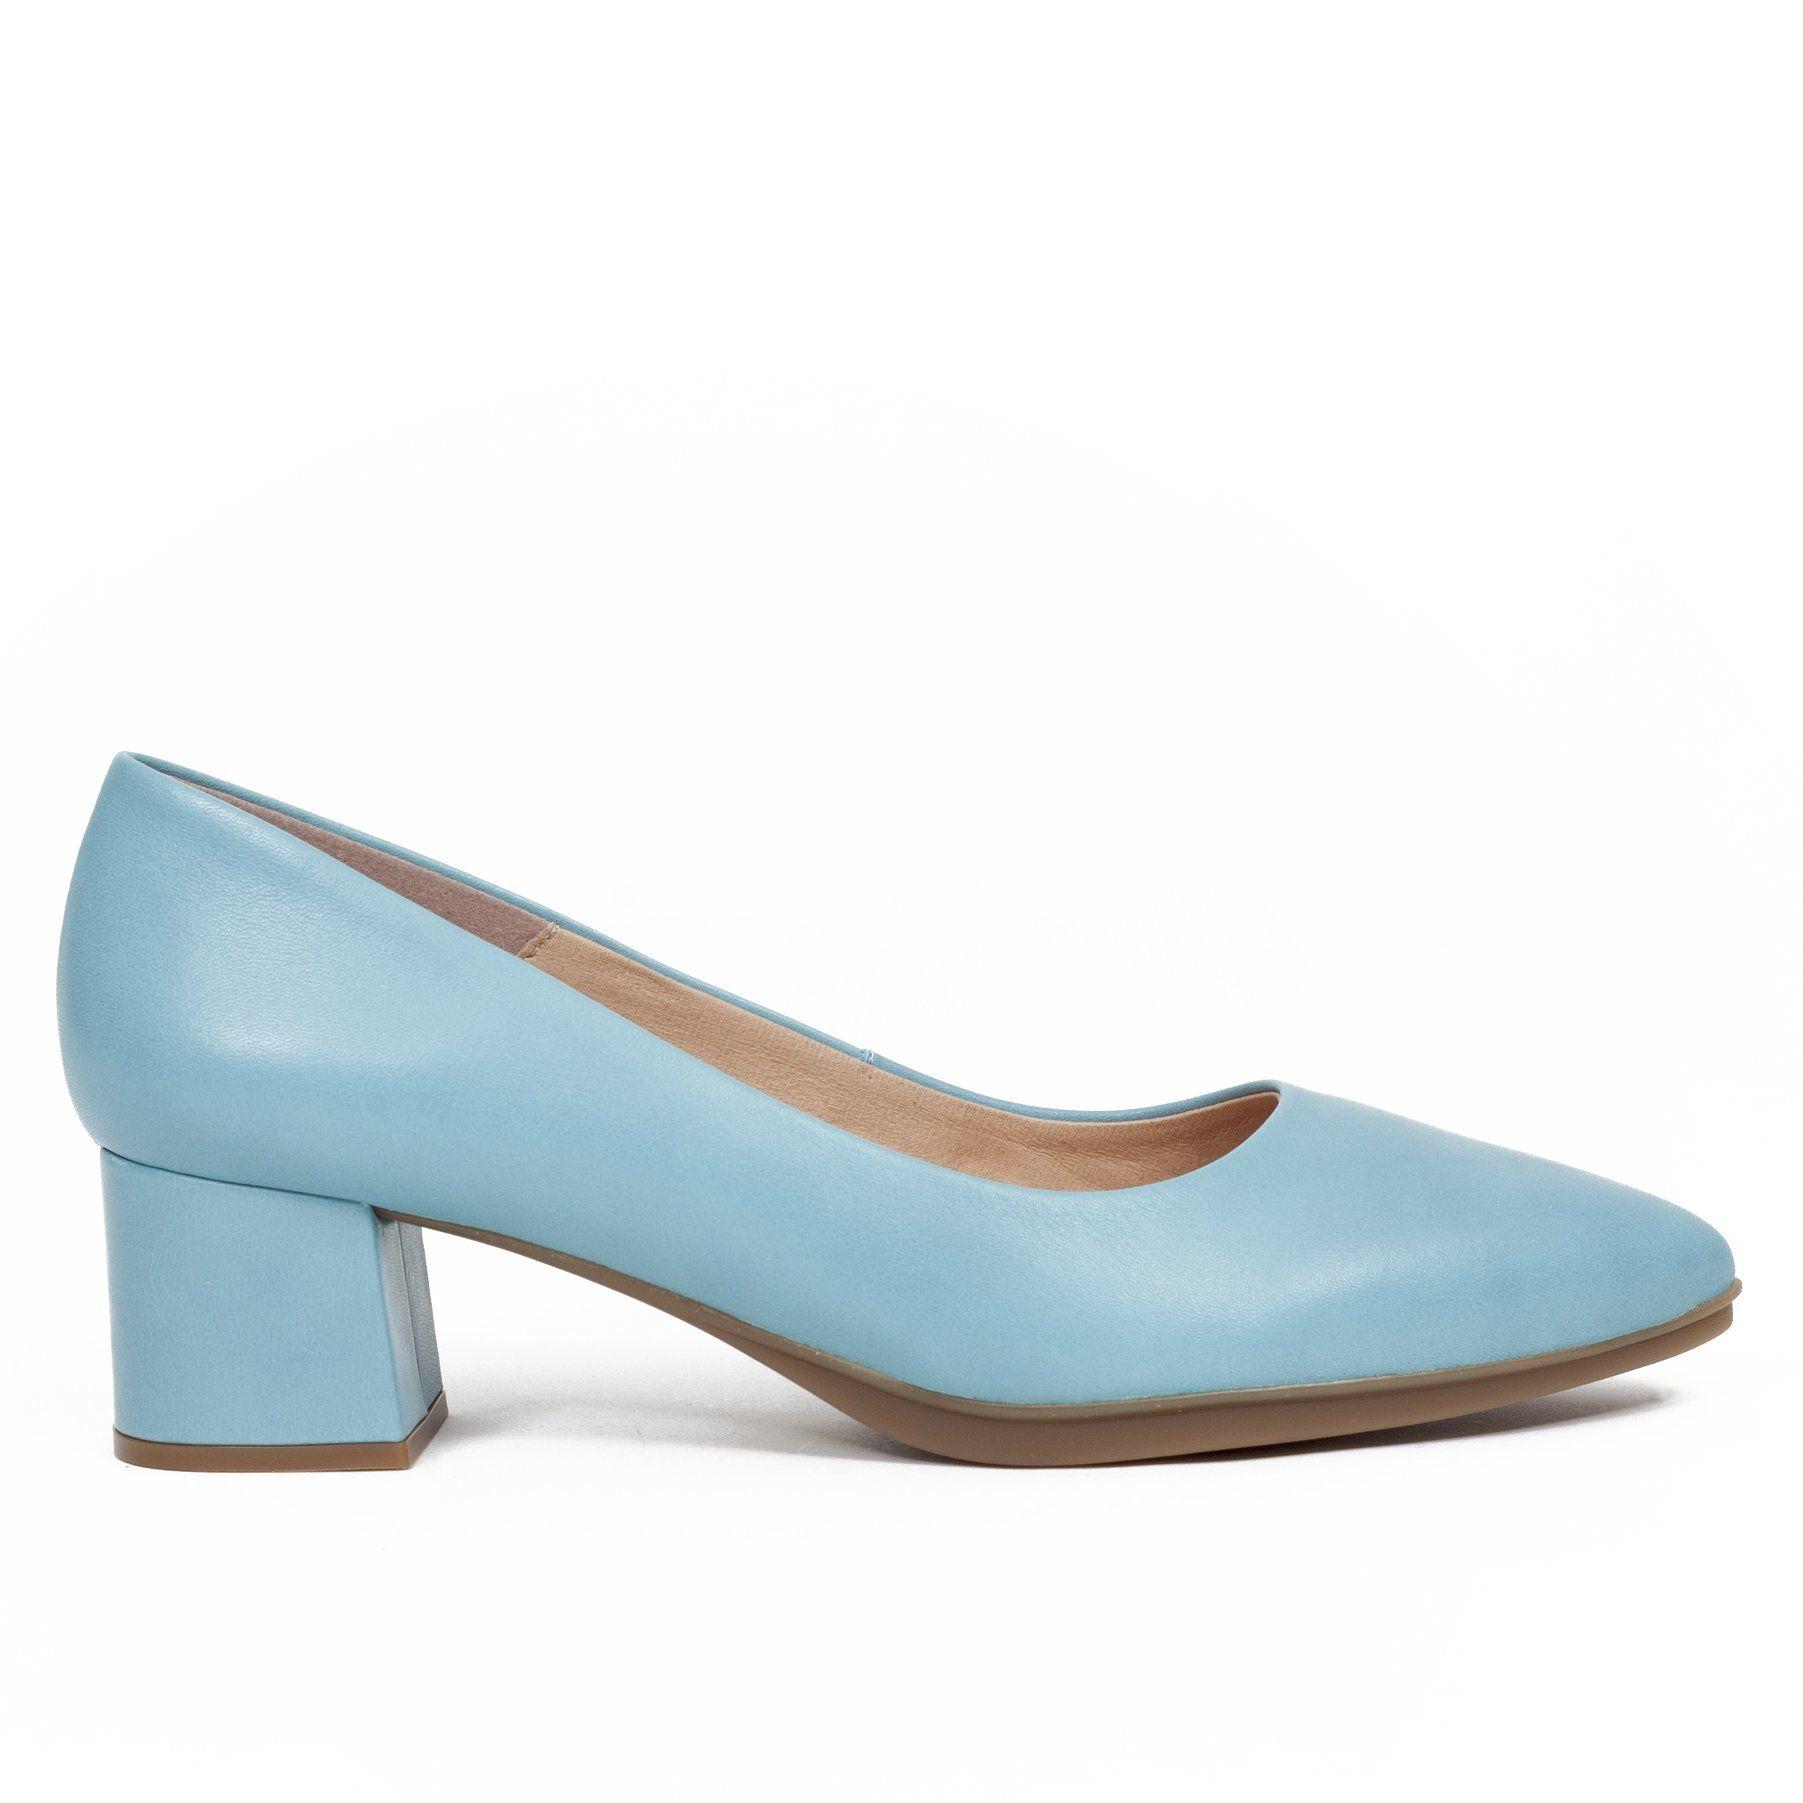 Zapato de tacón bajo Urban XS Azul Celeste | Zapatos para